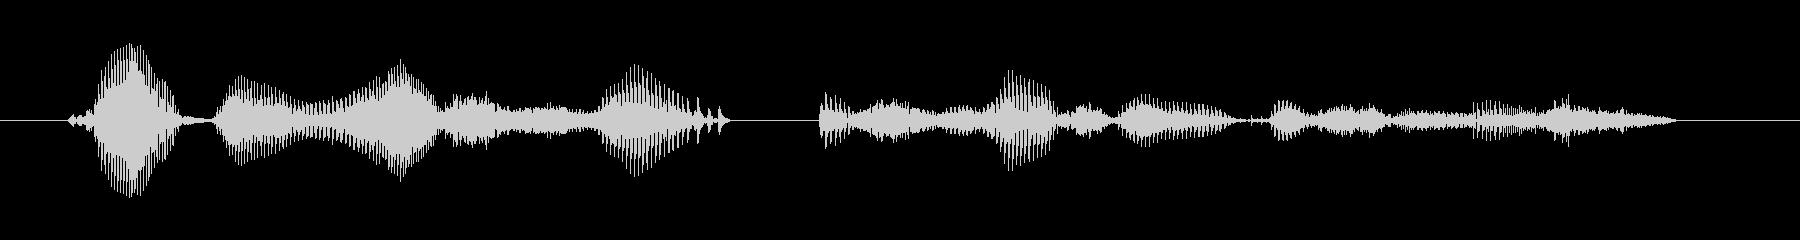 【時報・時間】午後4時を、お知らせいた…の未再生の波形